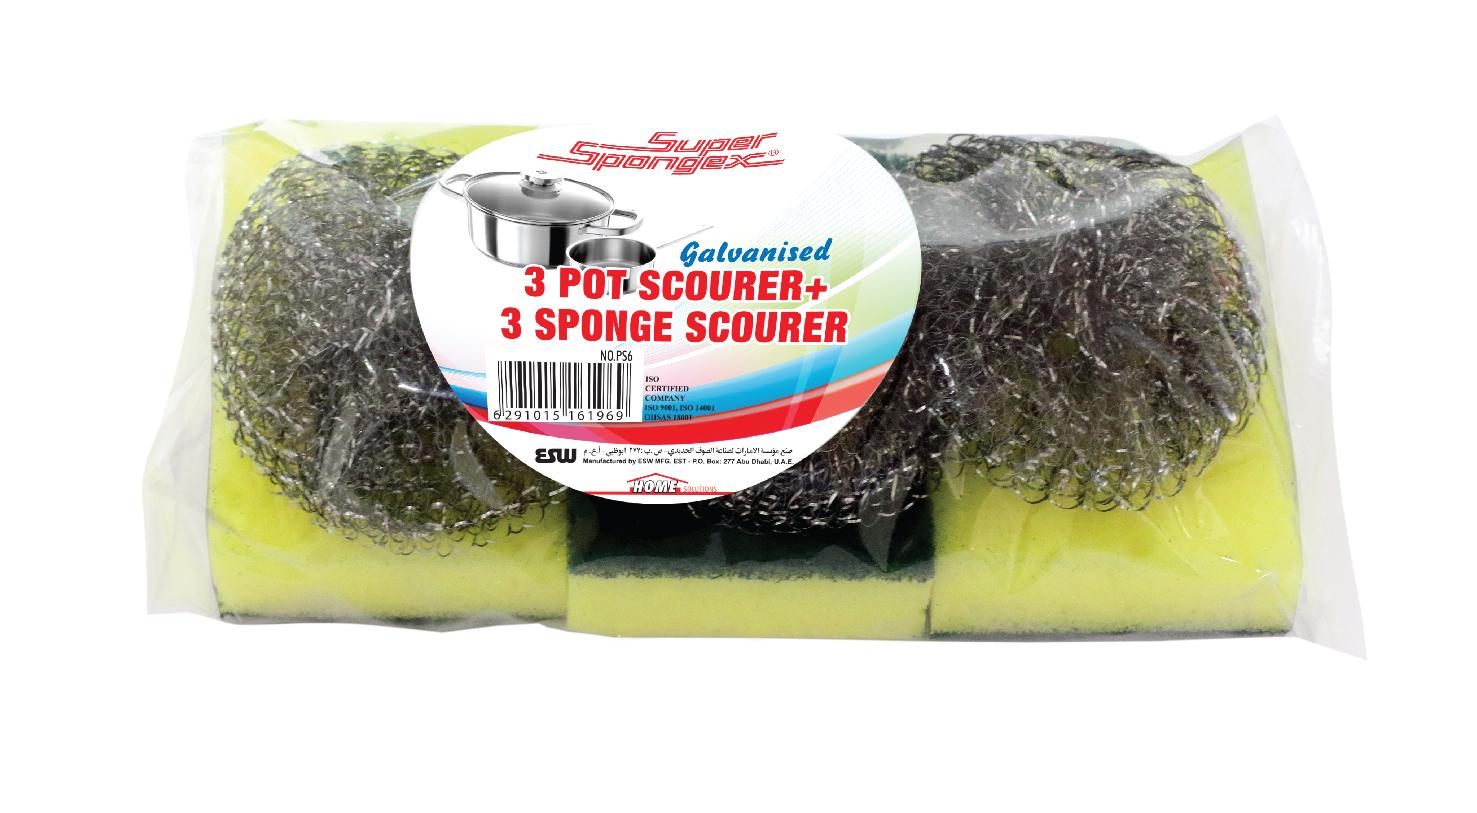 Metal Pot Scourer + Sponge Scourer